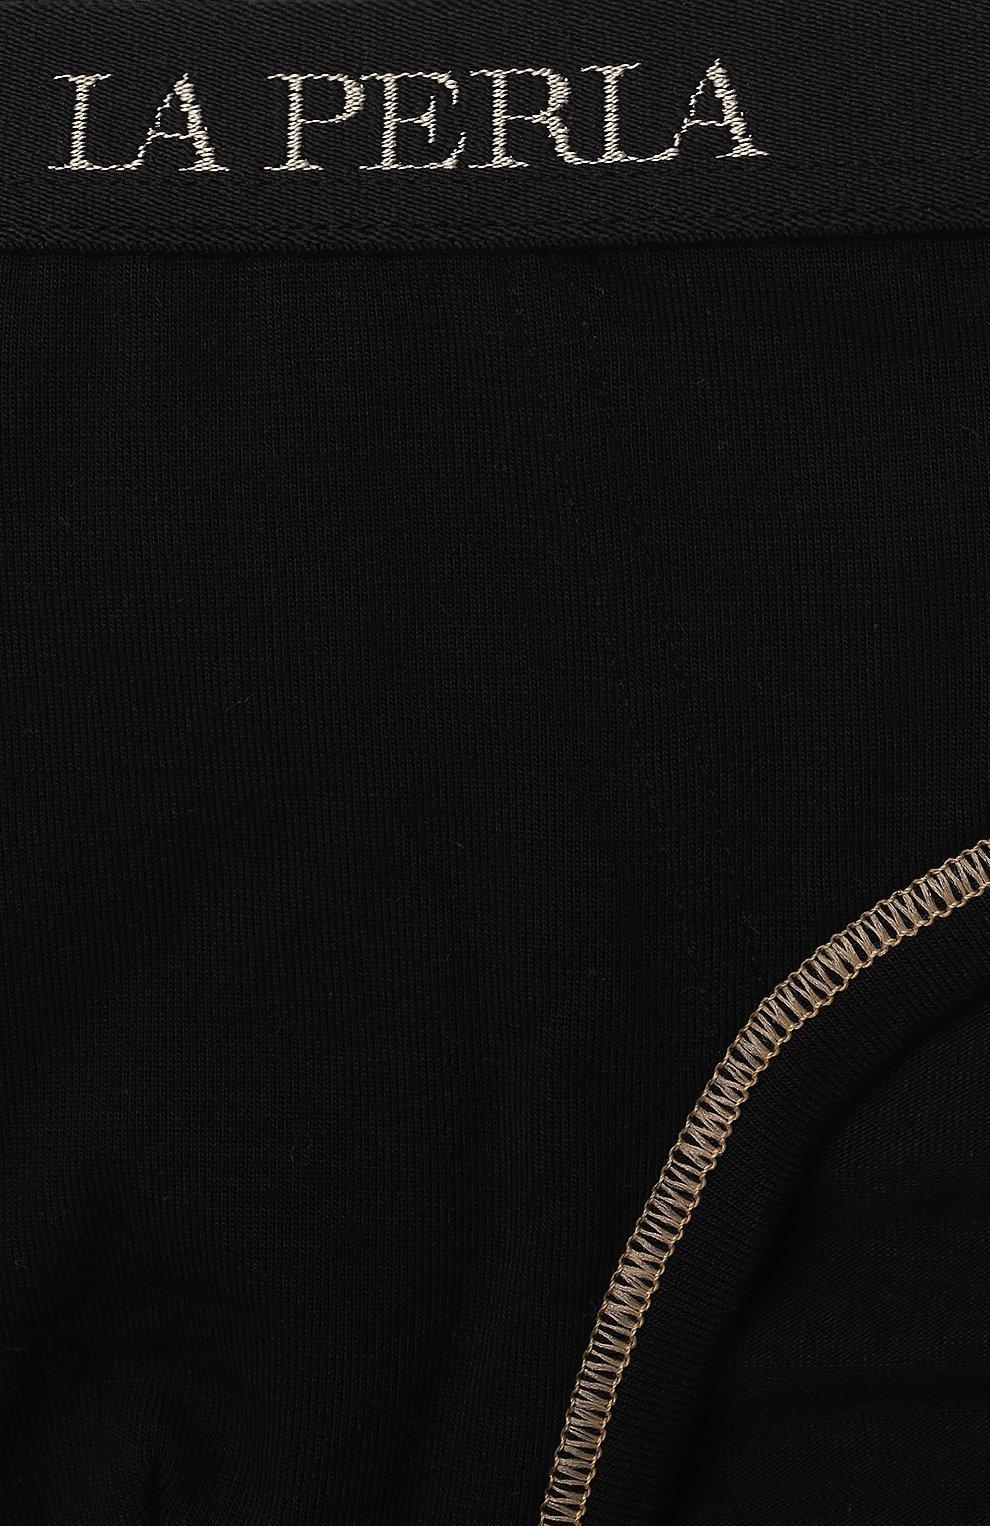 Детские трусы-брифы LA PERLA черного цвета, арт. 70158/2A-6A | Фото 3